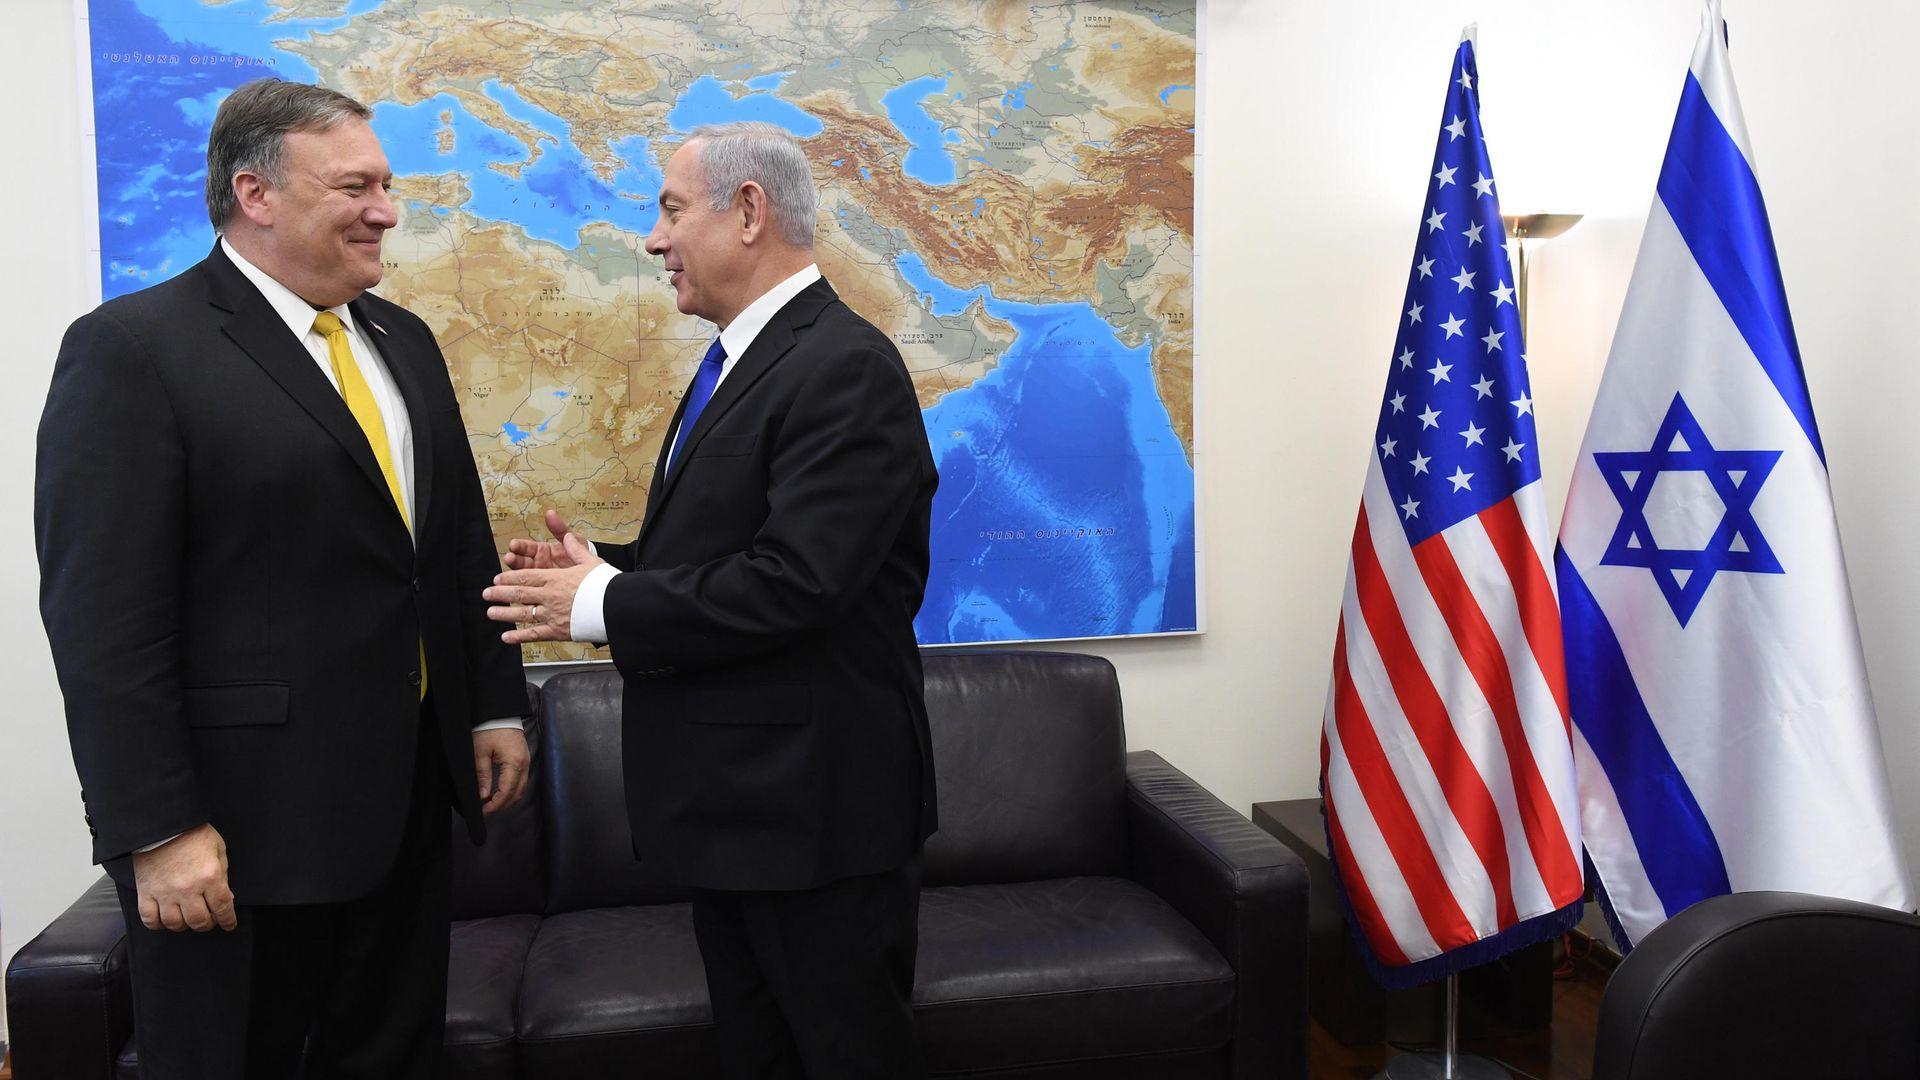 سفر پمپئو به اسرائیل؛ طرح تازهای علیه ایران در راه است؟